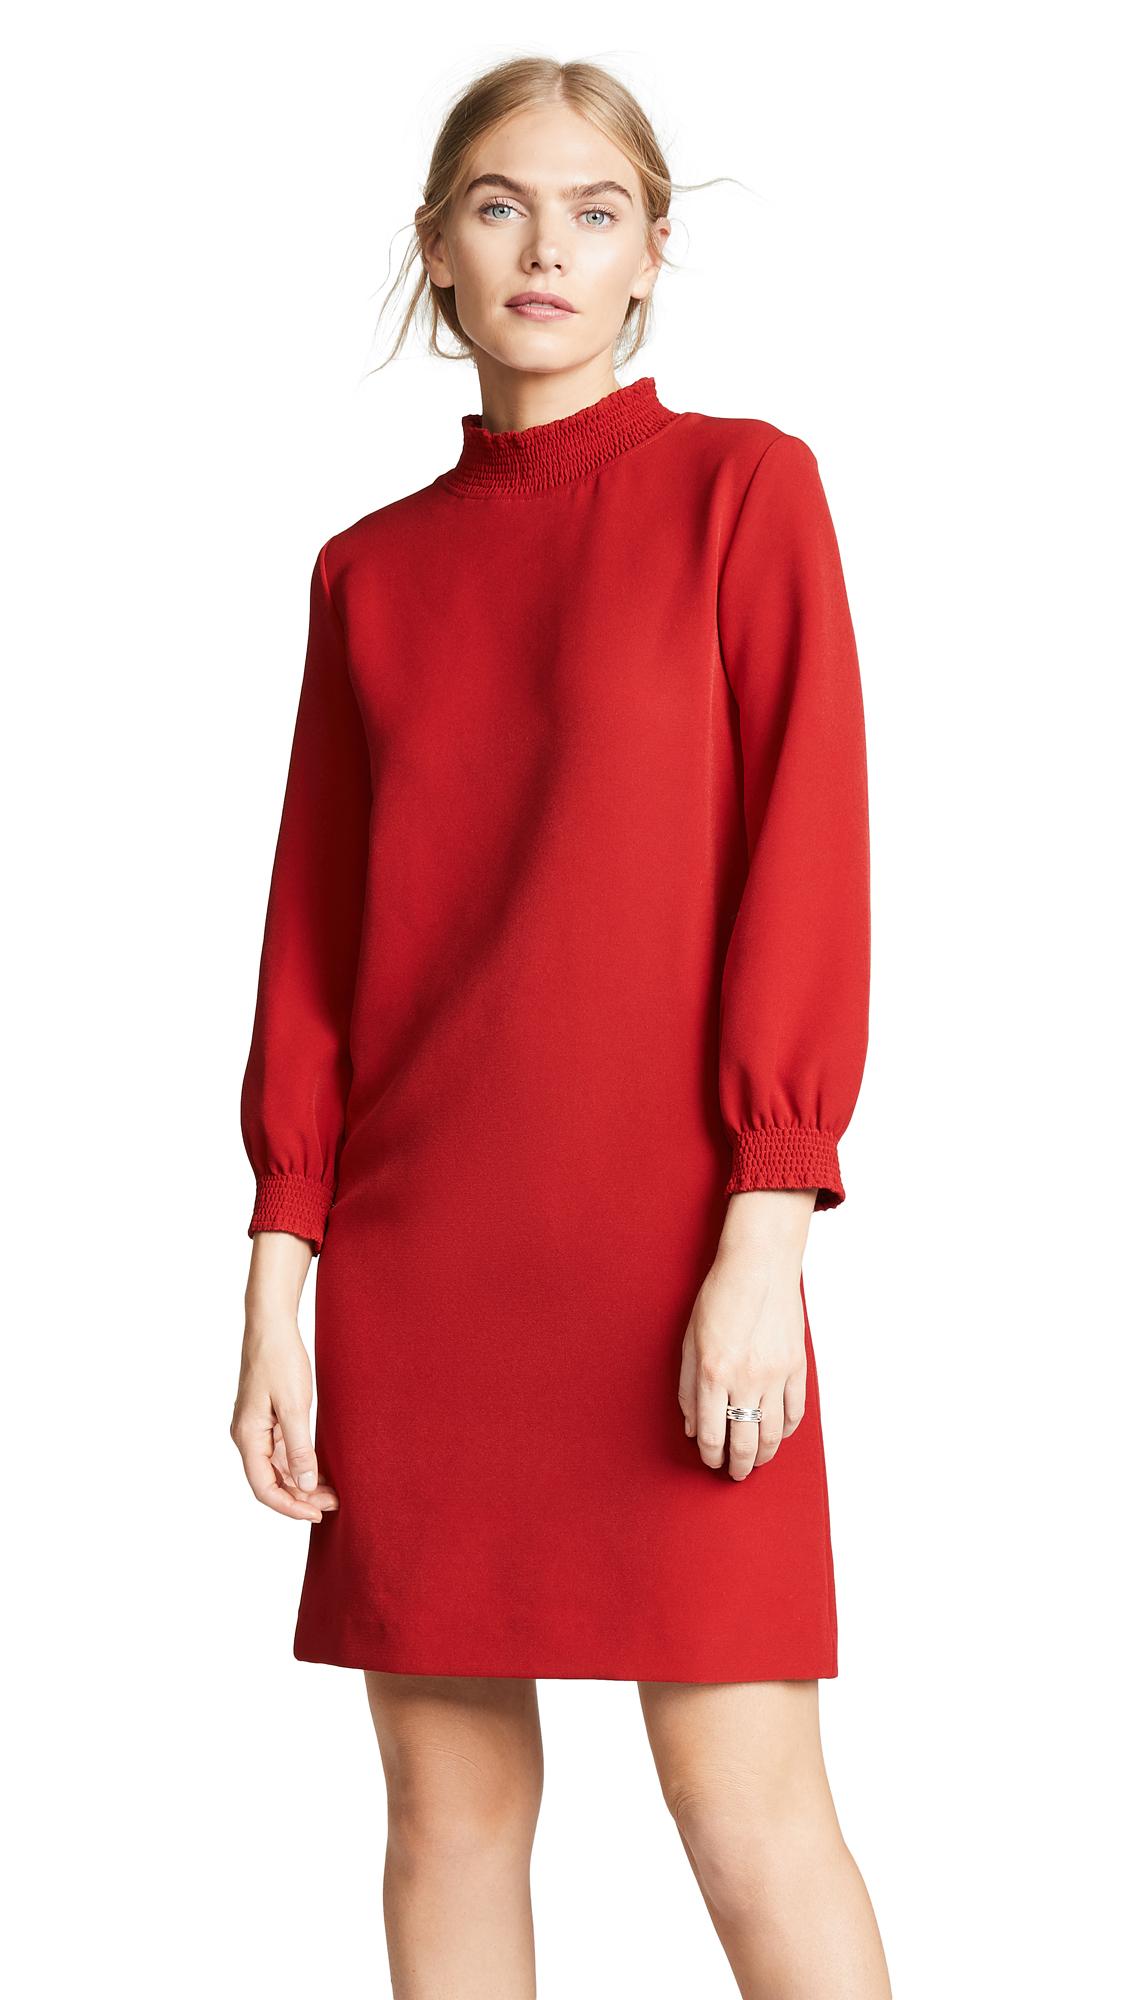 A.P.C. Julie Dress